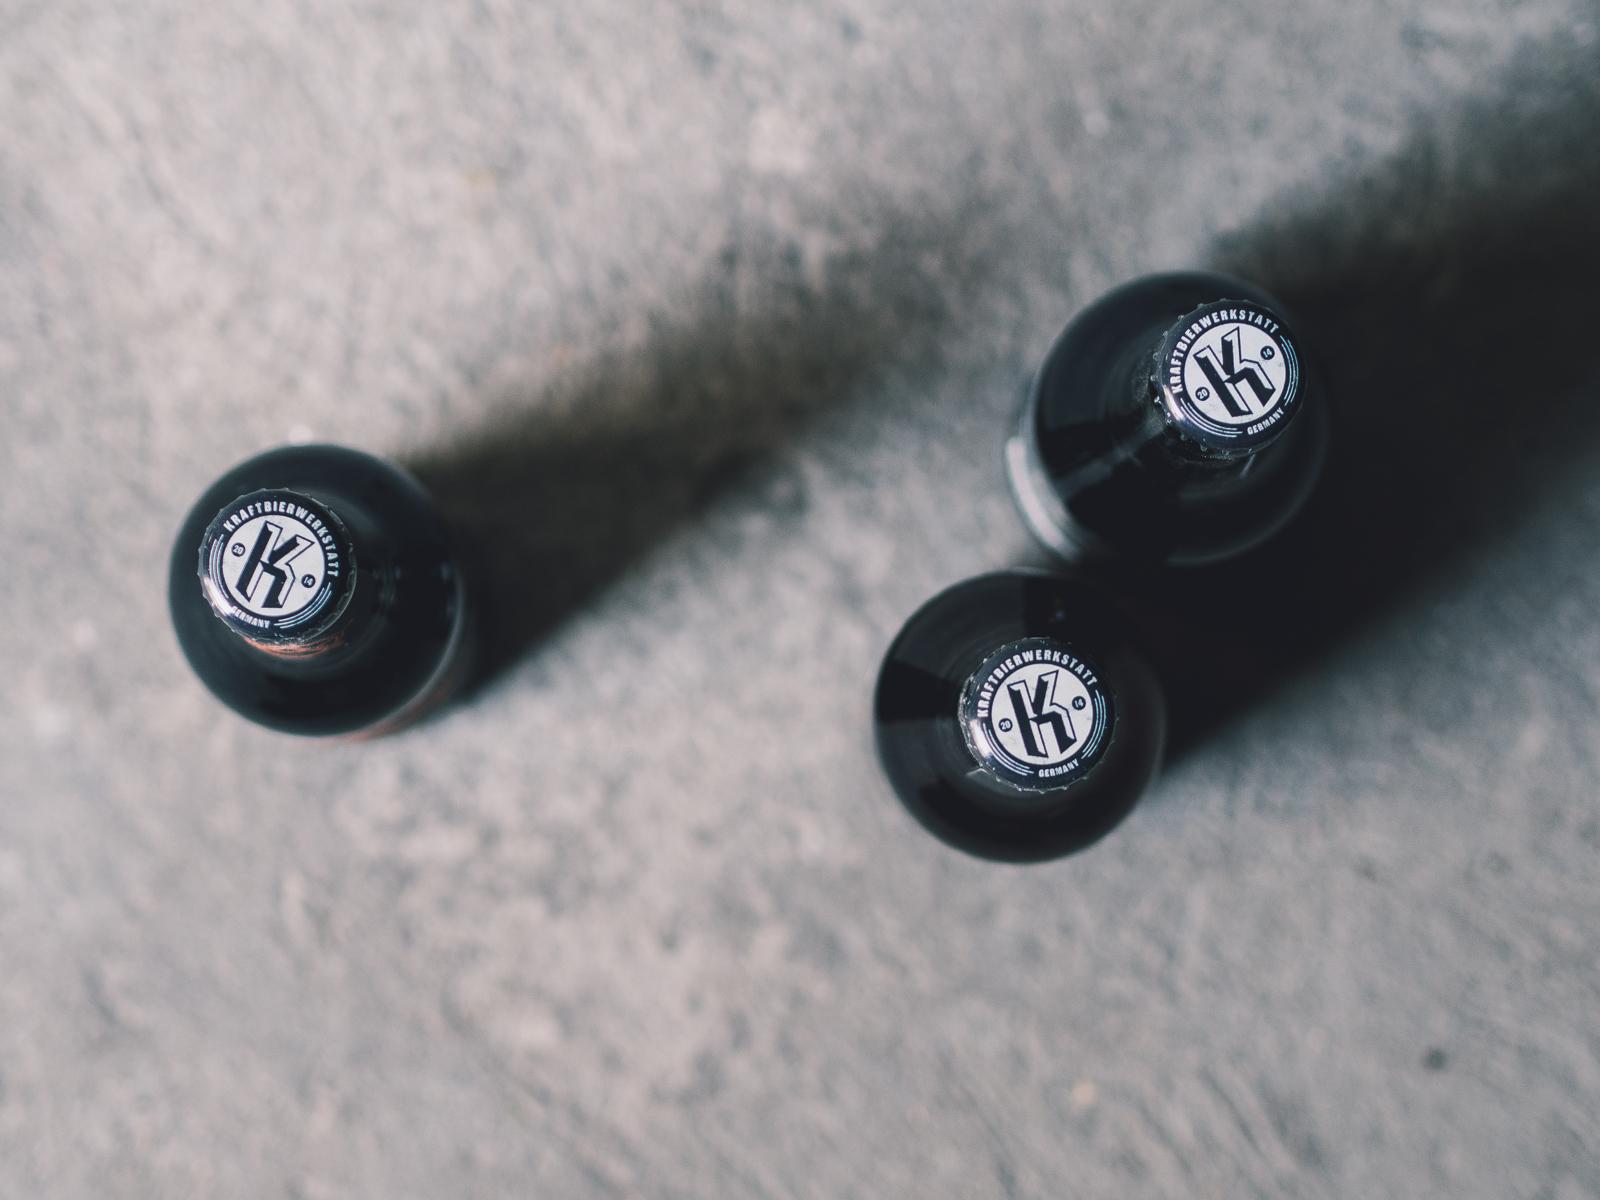 Man sieht 3 Bierflaschen der Craftbier-Brauerei